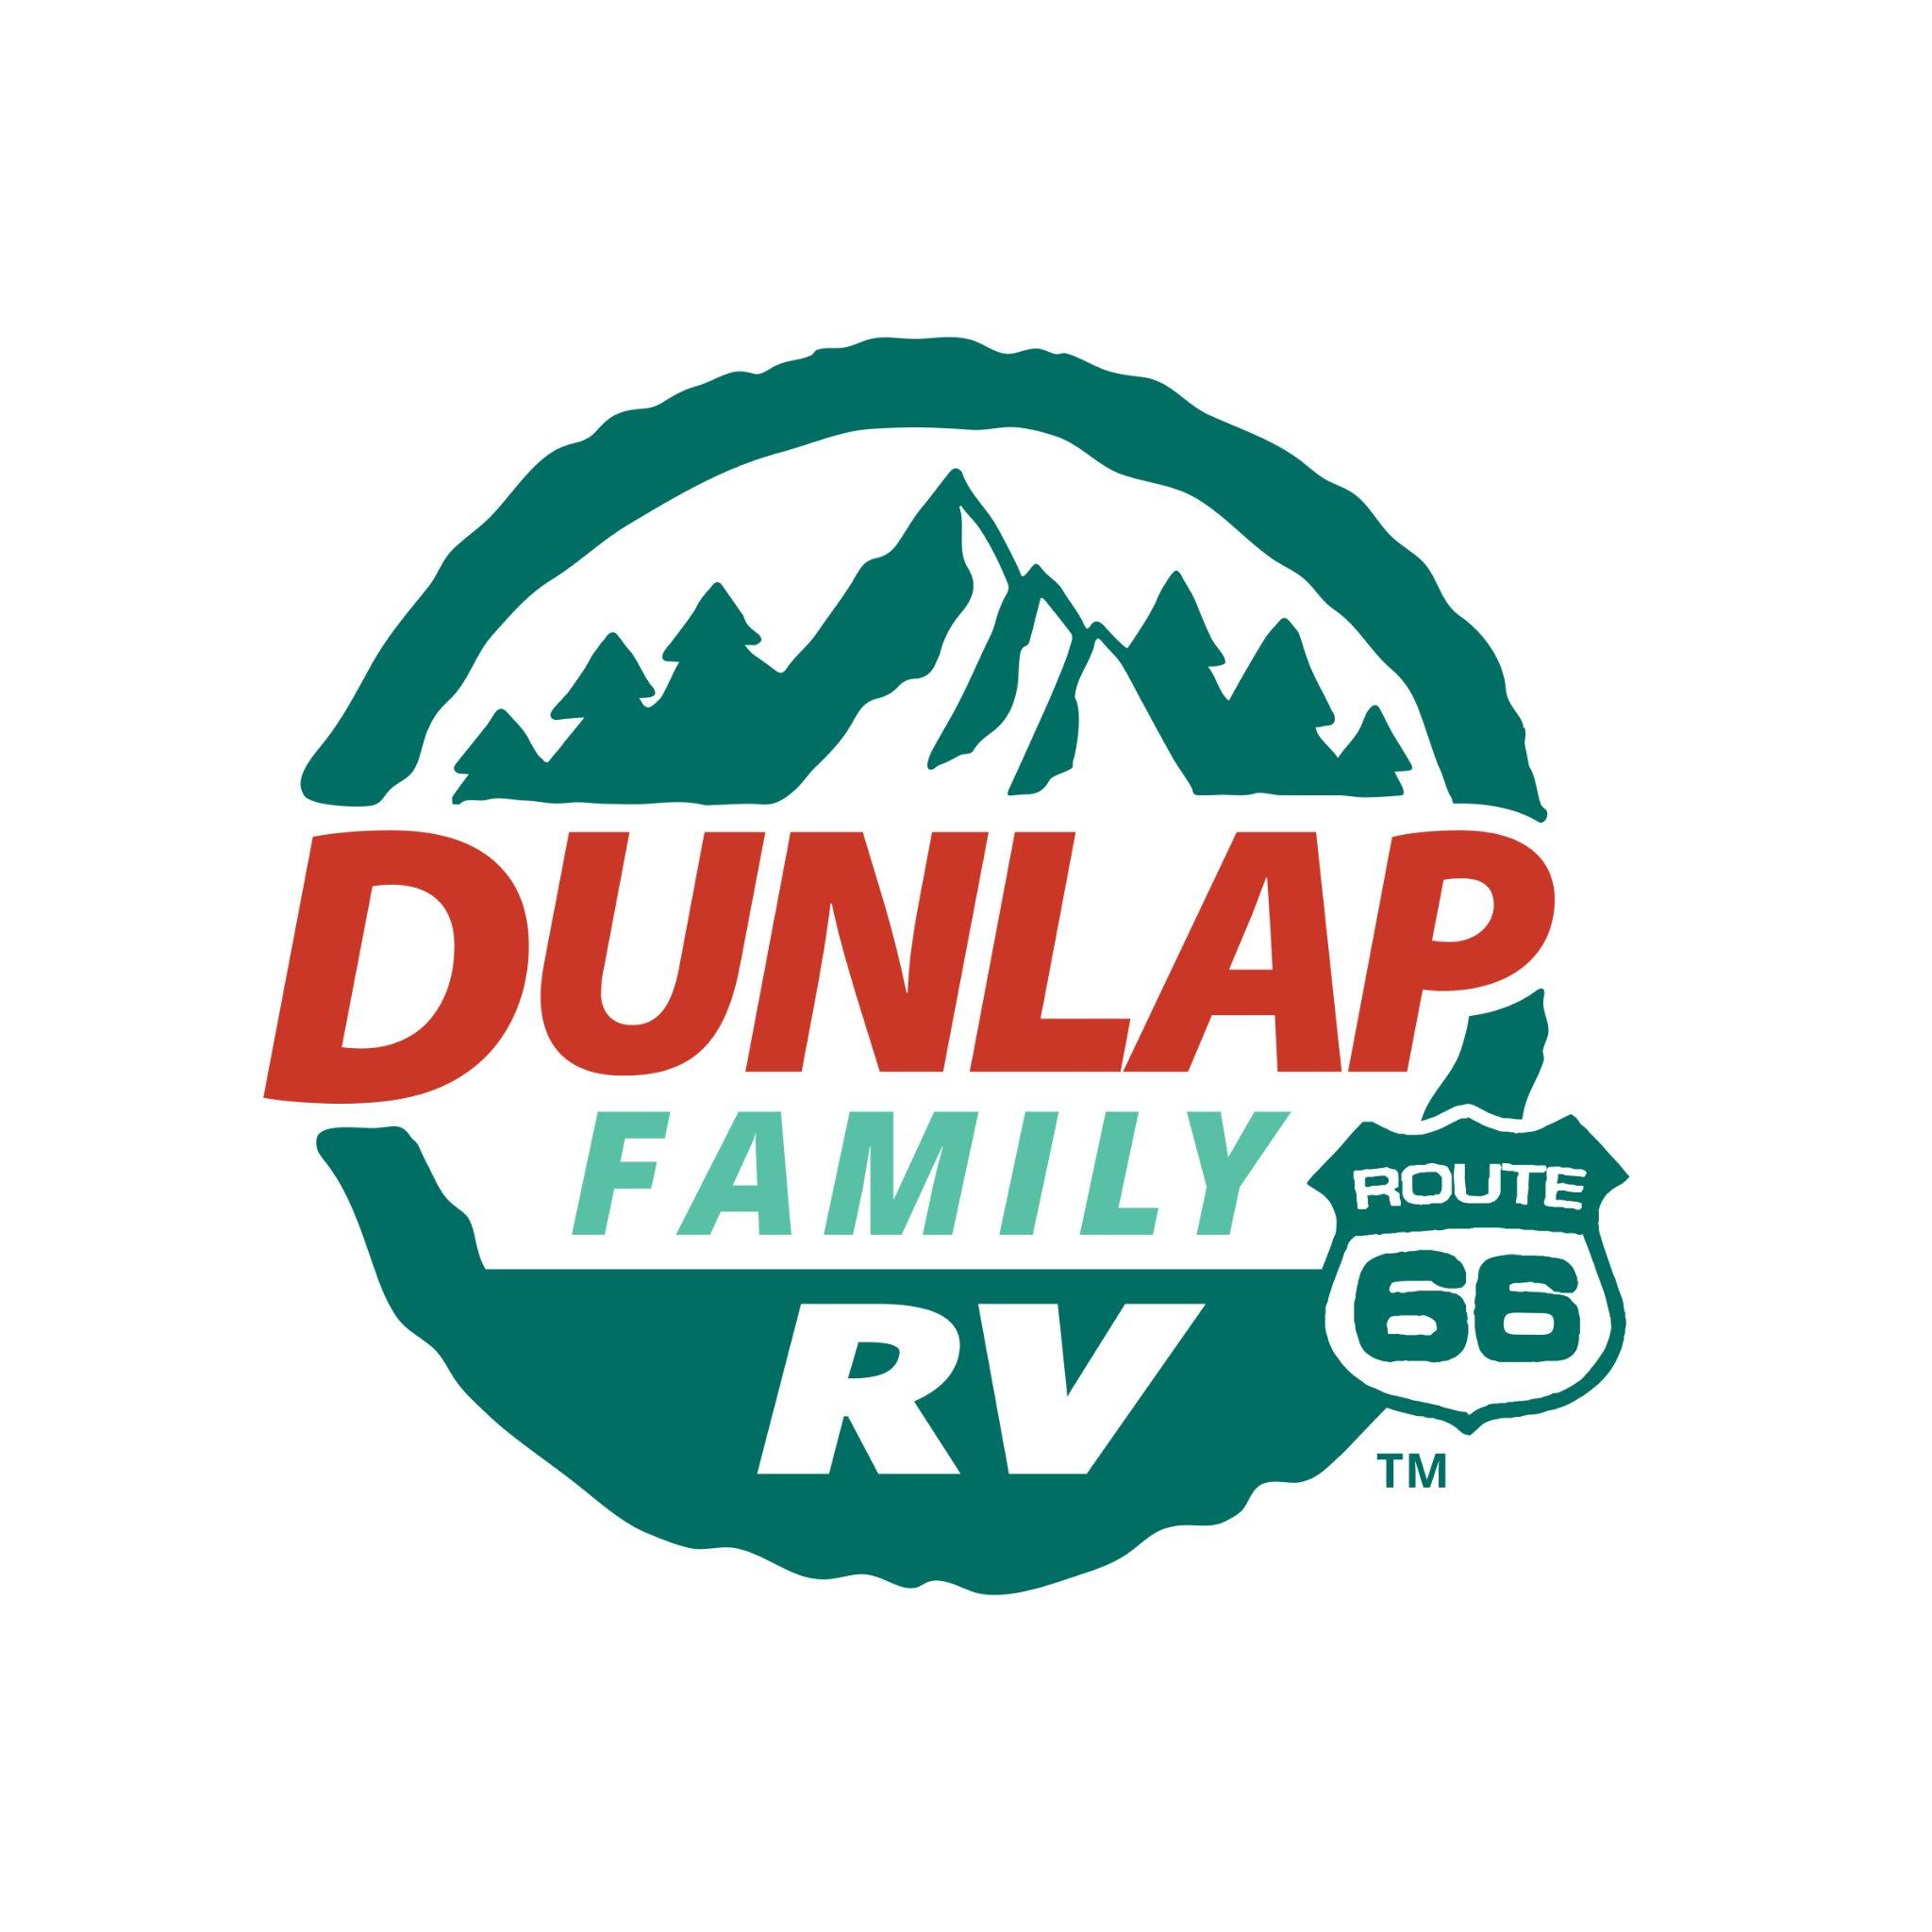 Dunlap Family RV